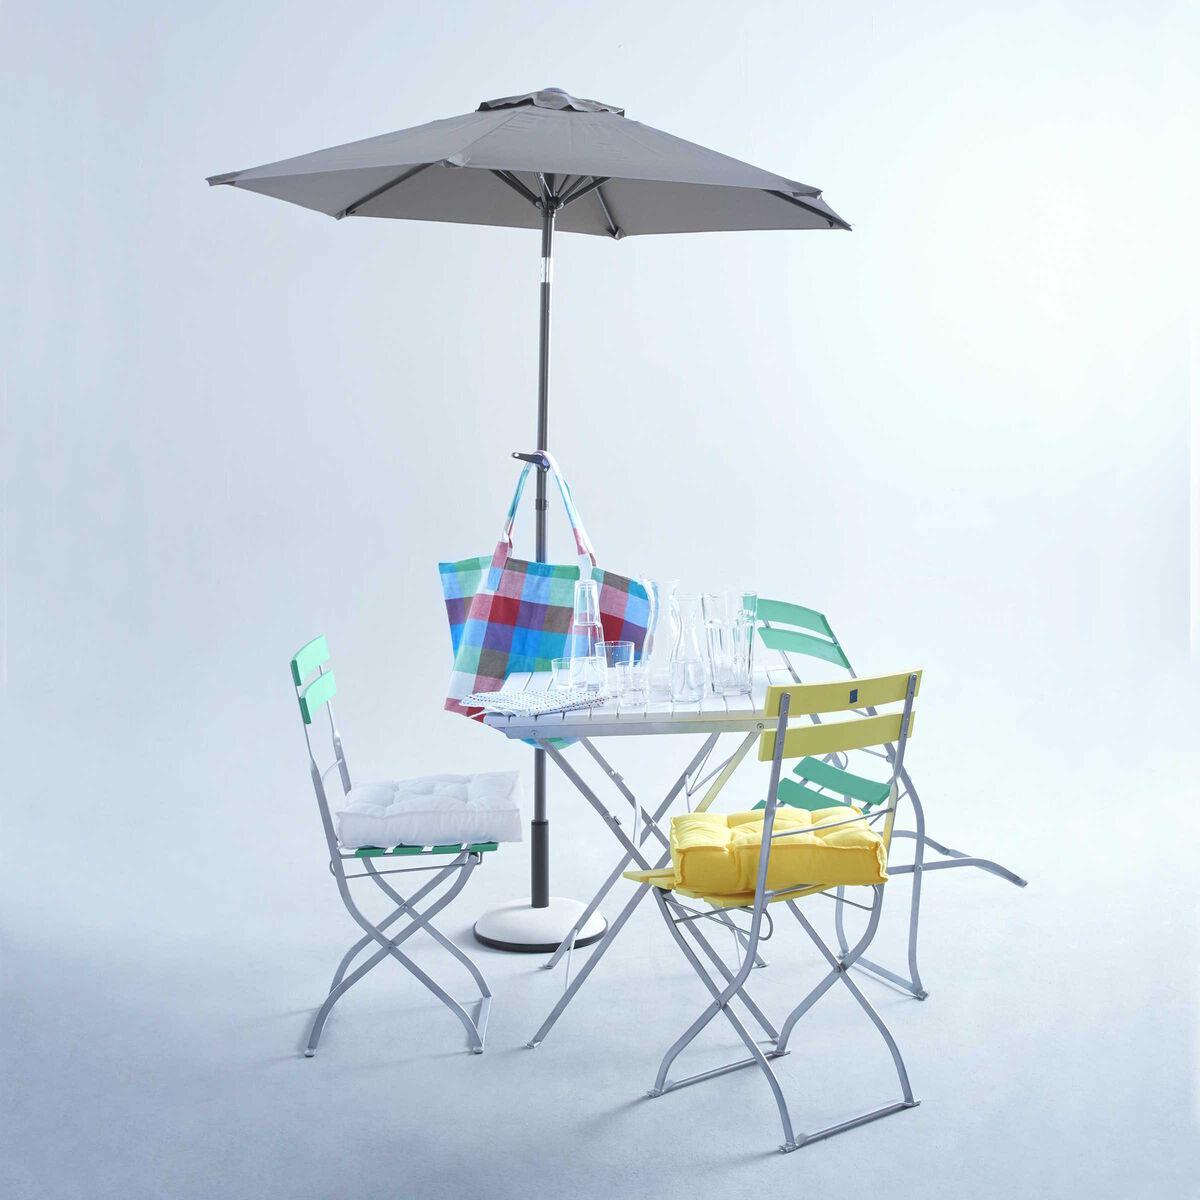 Bild 7 von SIESTA Sonnenschirm mit Kurbel